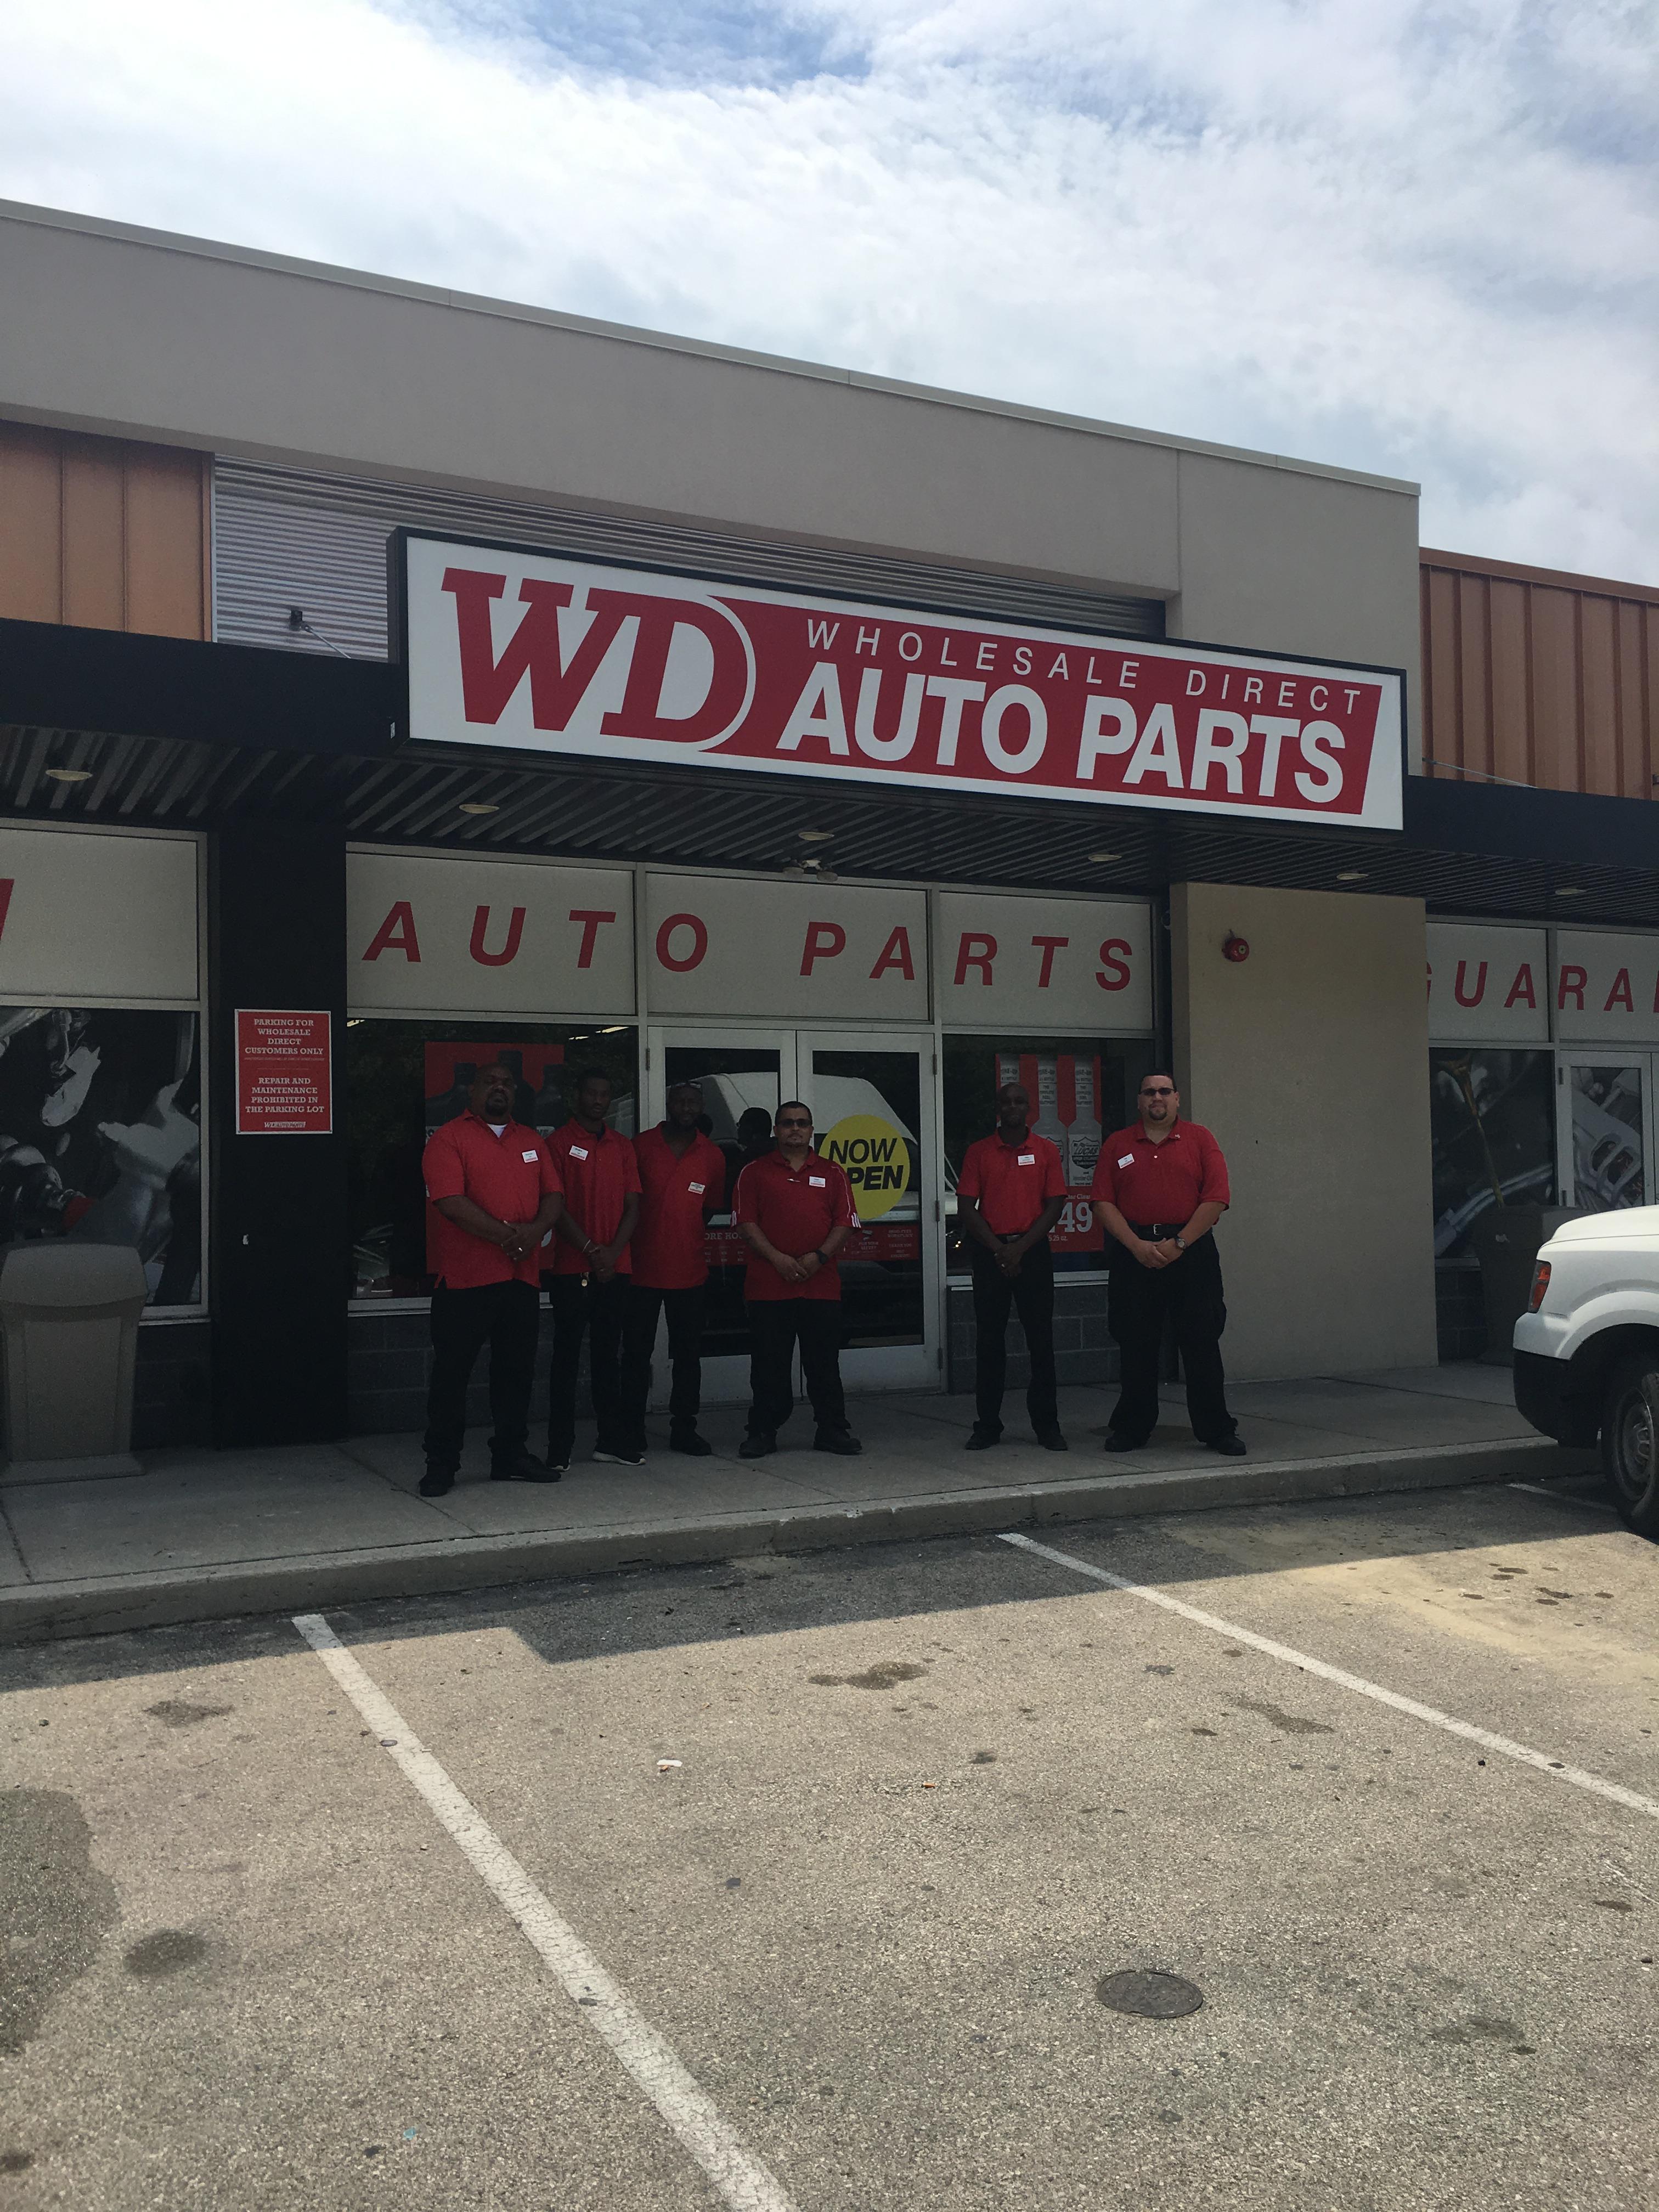 Wholesale Direct Auto Parts